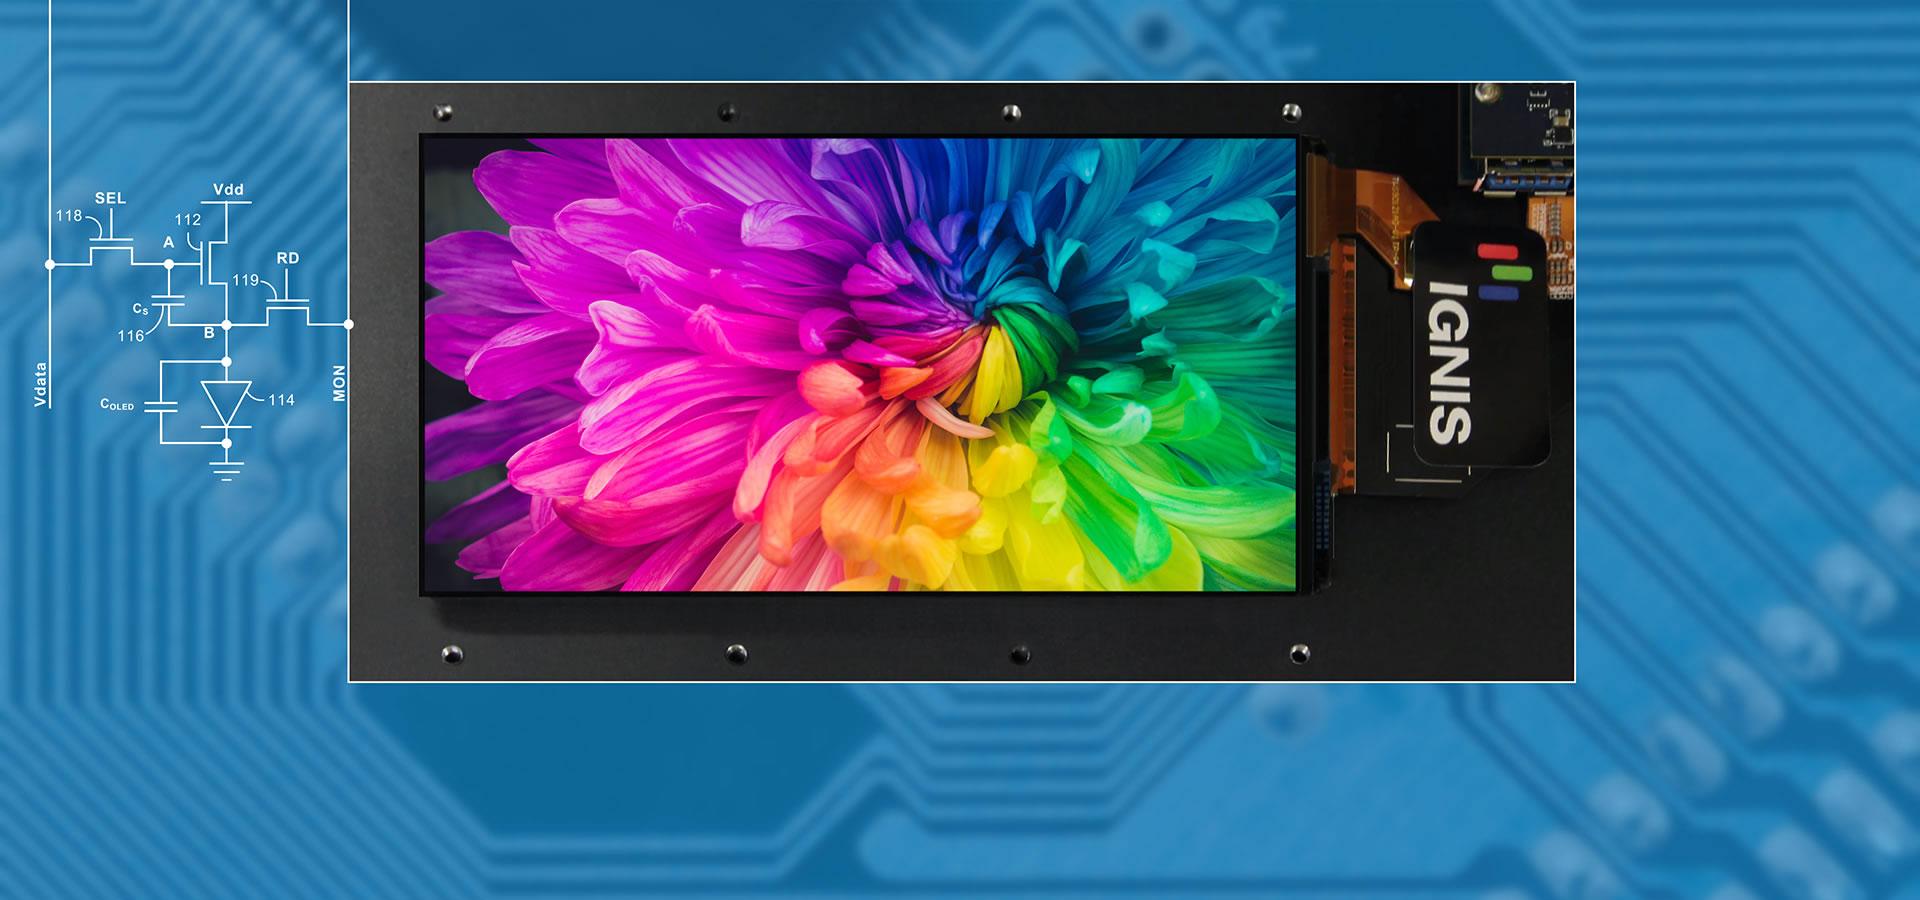 نمایشگر OLED برای اکسپریا سونی در آینده محتمل است